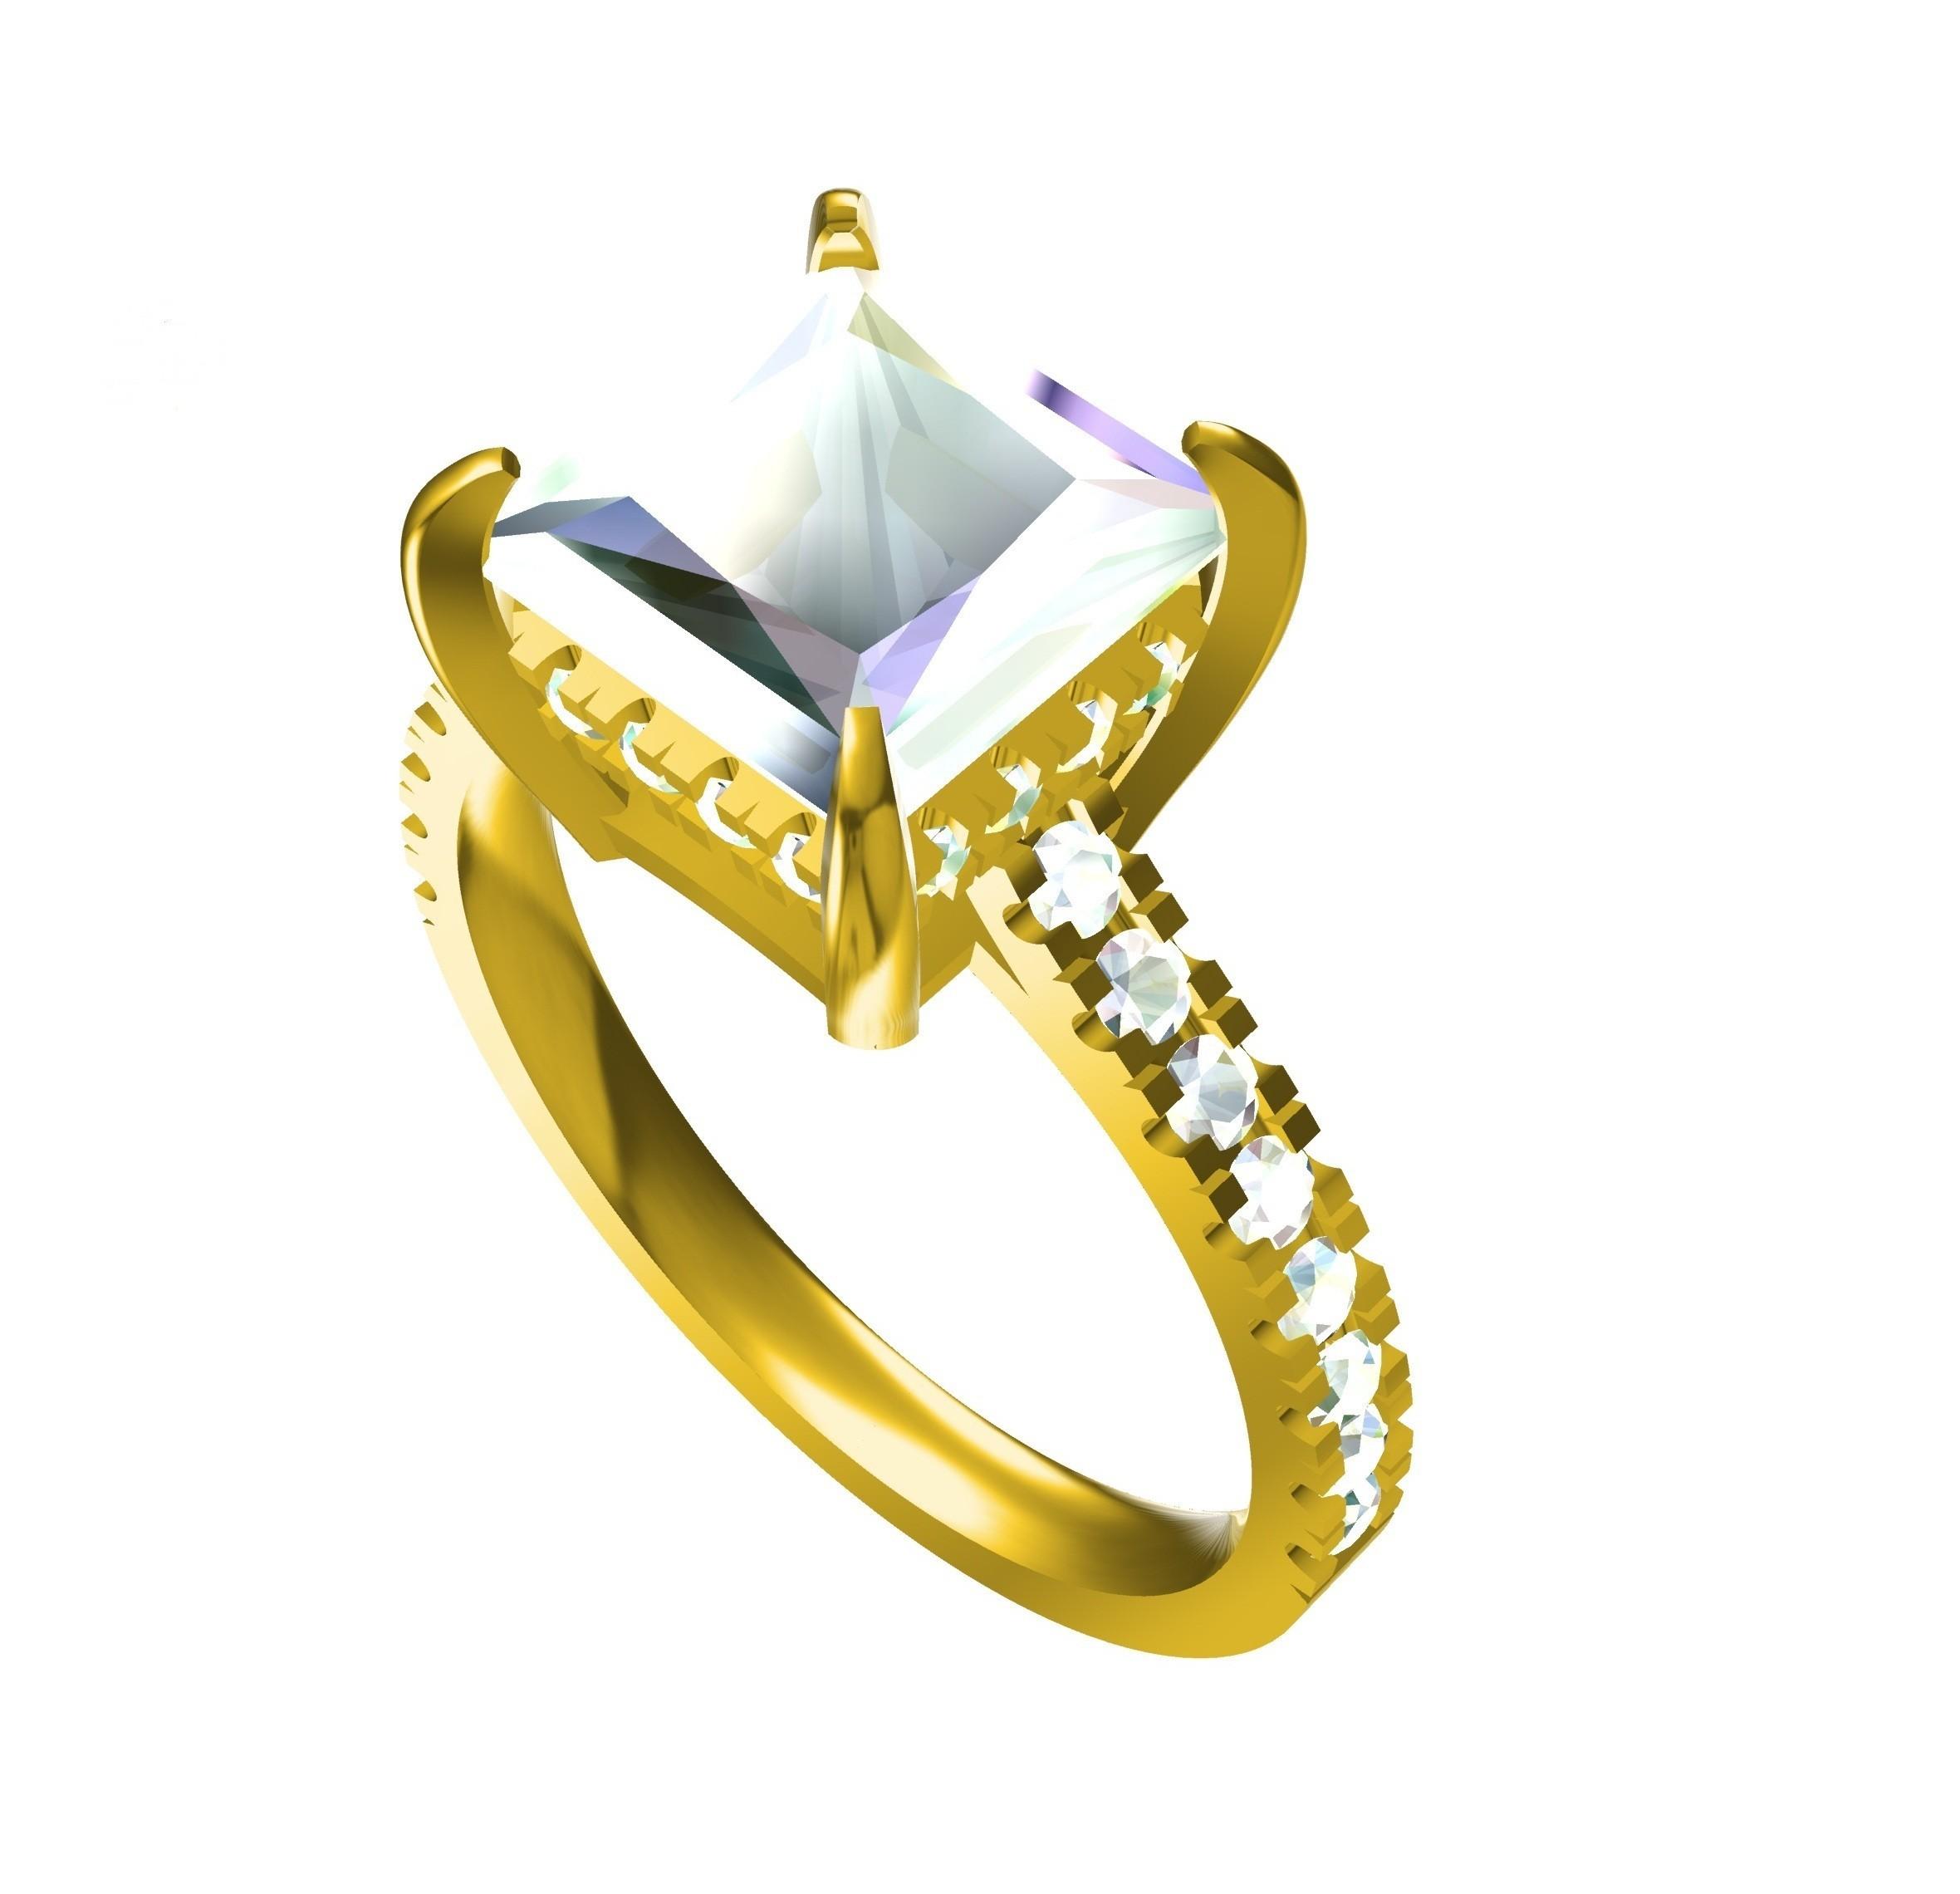 RG26856 (2) - Copy.jpg Download STL file Jeaelry 3D CAD Model For Wedding Ring • 3D print design, VR3D